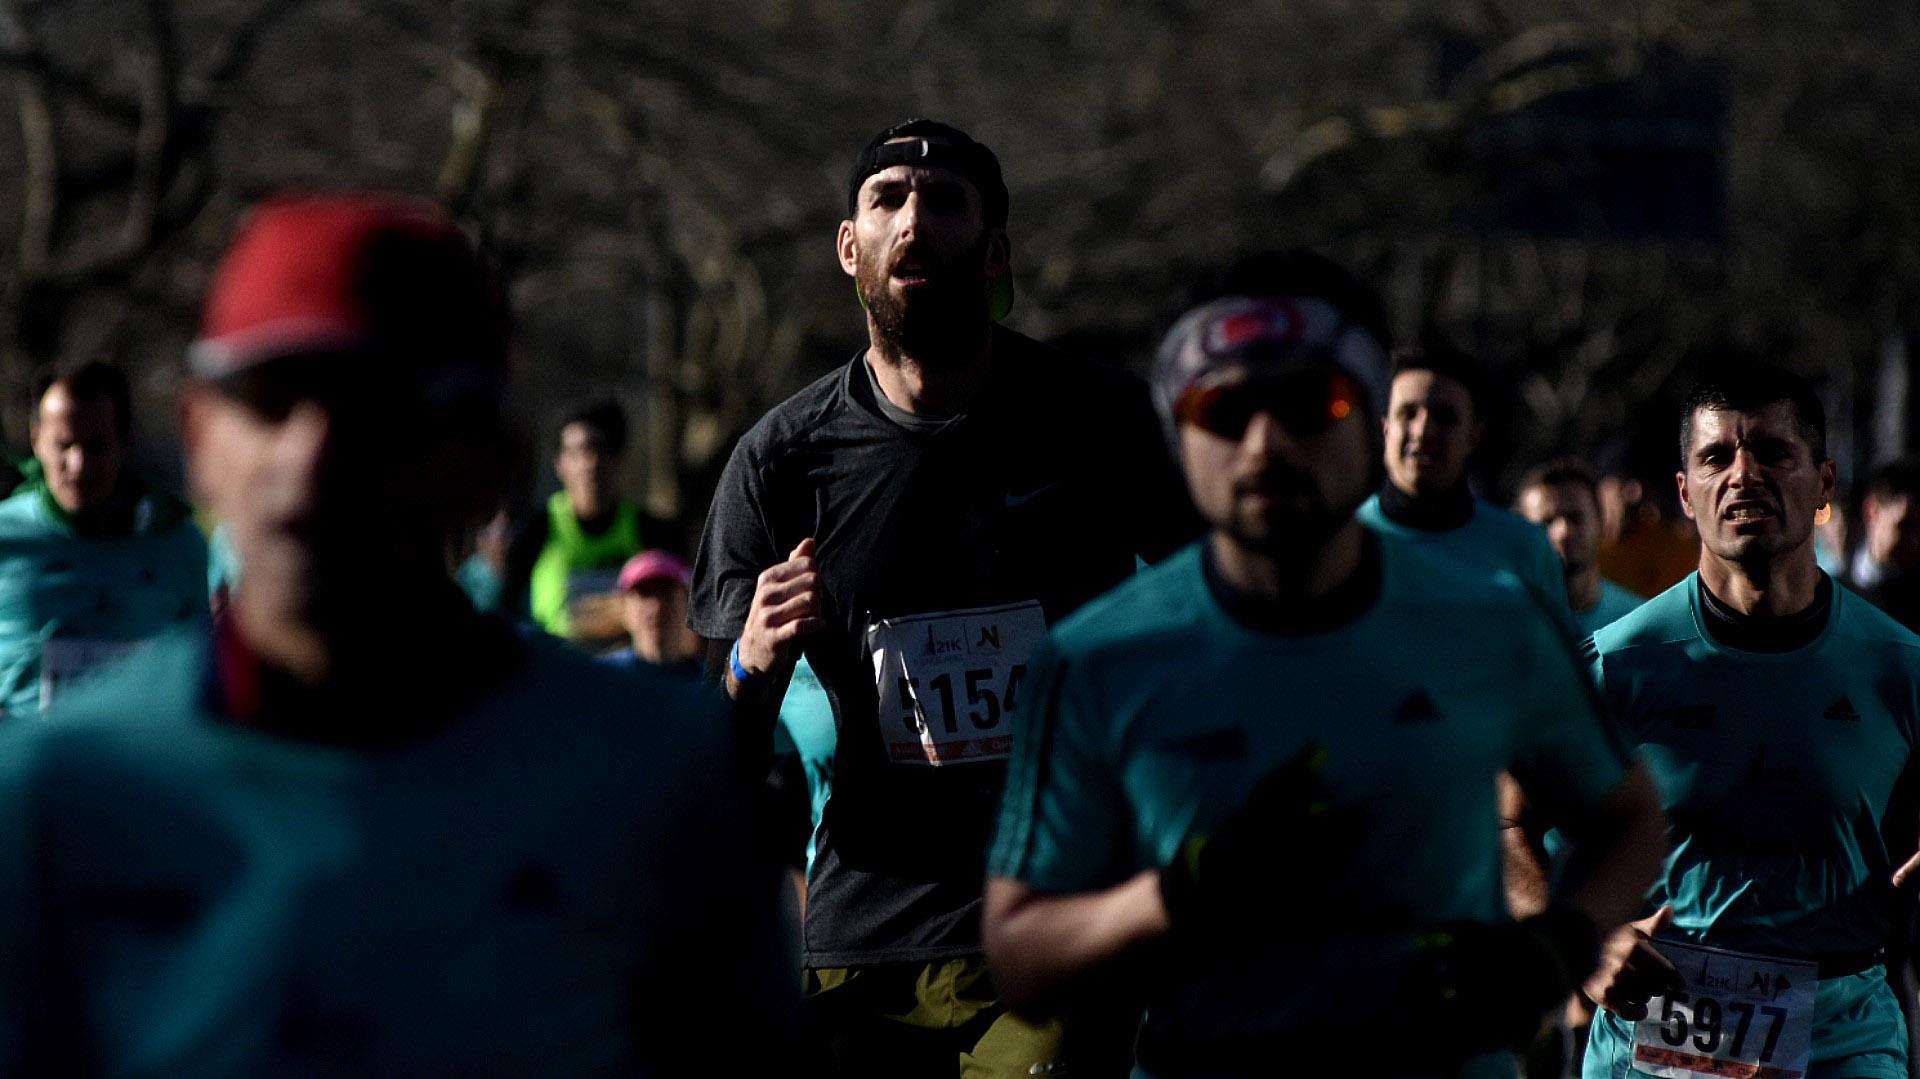 Amigos y familiares pudieron seguir a los corredores por la aplicación móvil de la carrera. Así, a través de un seguimiento en vivo, saben exactamente dónde están y están al tanto de su progreso